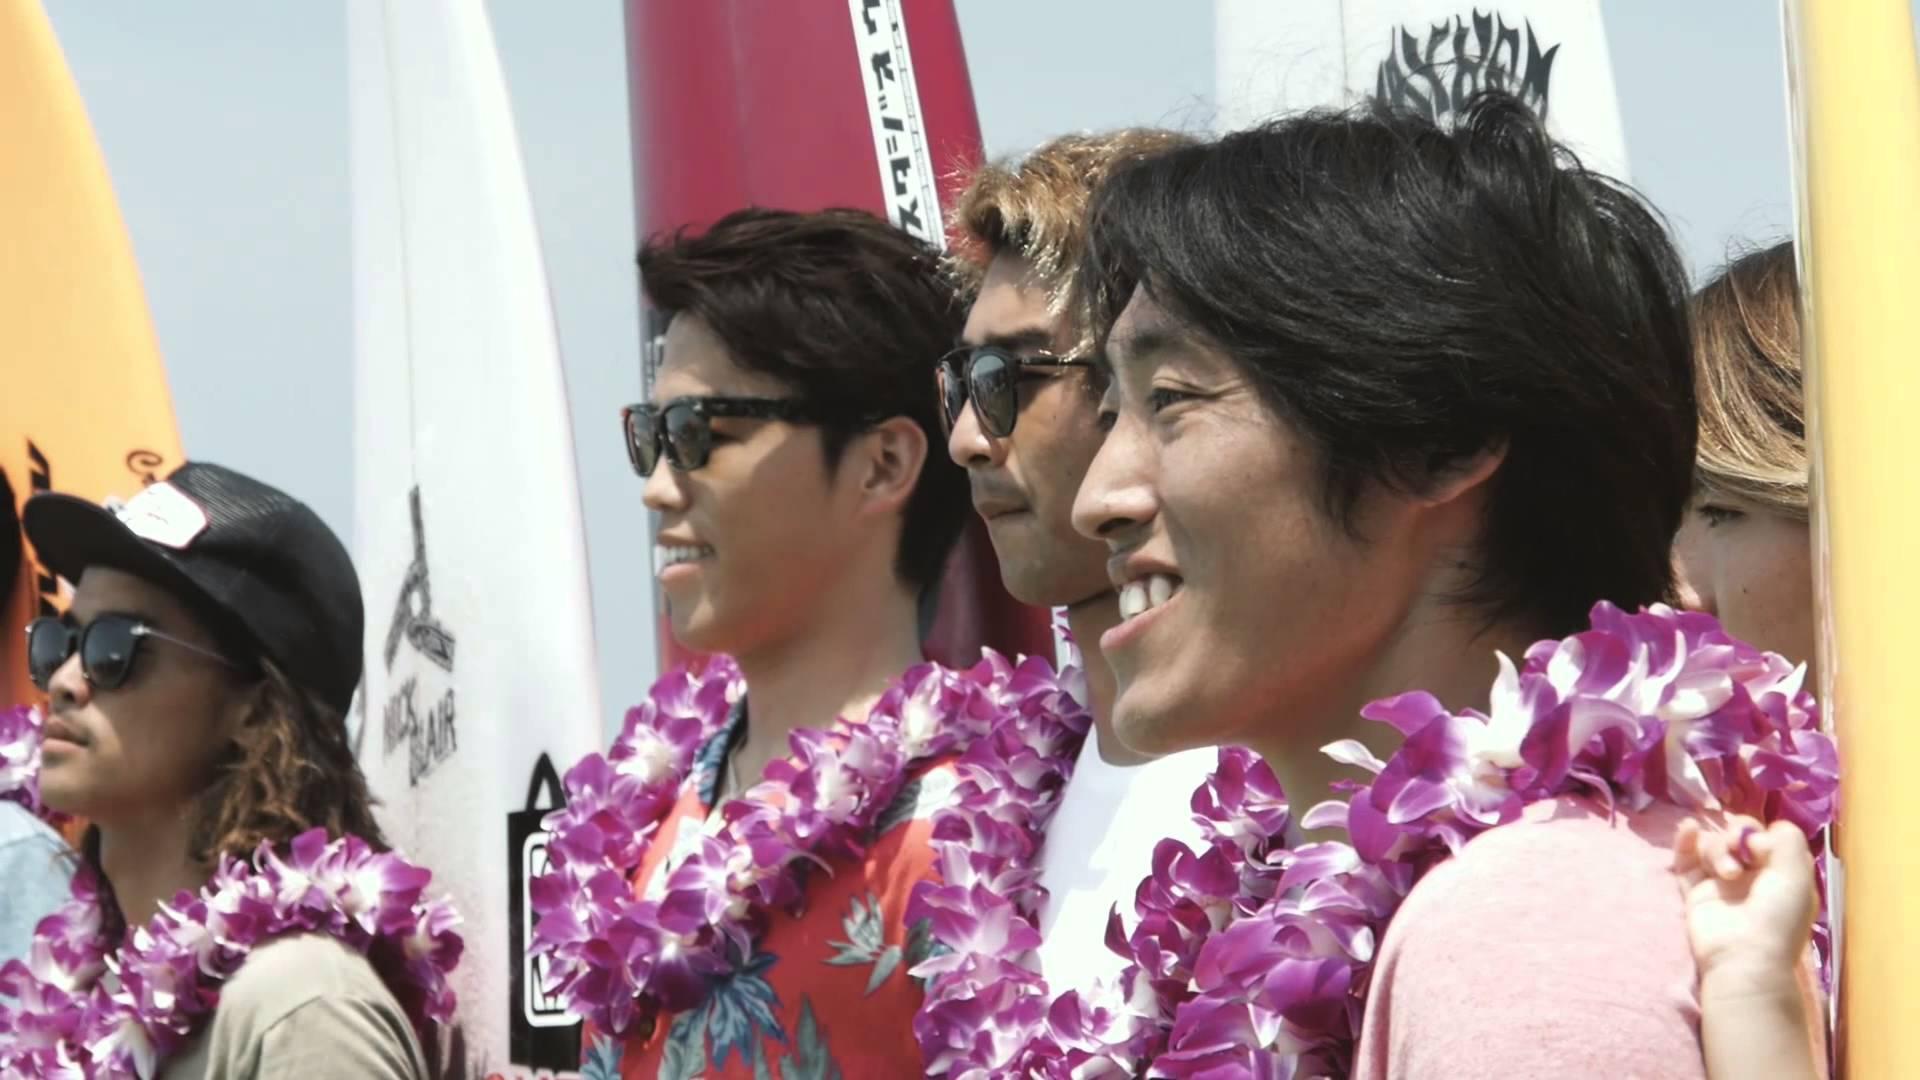 洋之介メモリアルカップ2016BIG WAVEコンテスト開会セレモニーを7月31日10時15分より開催!